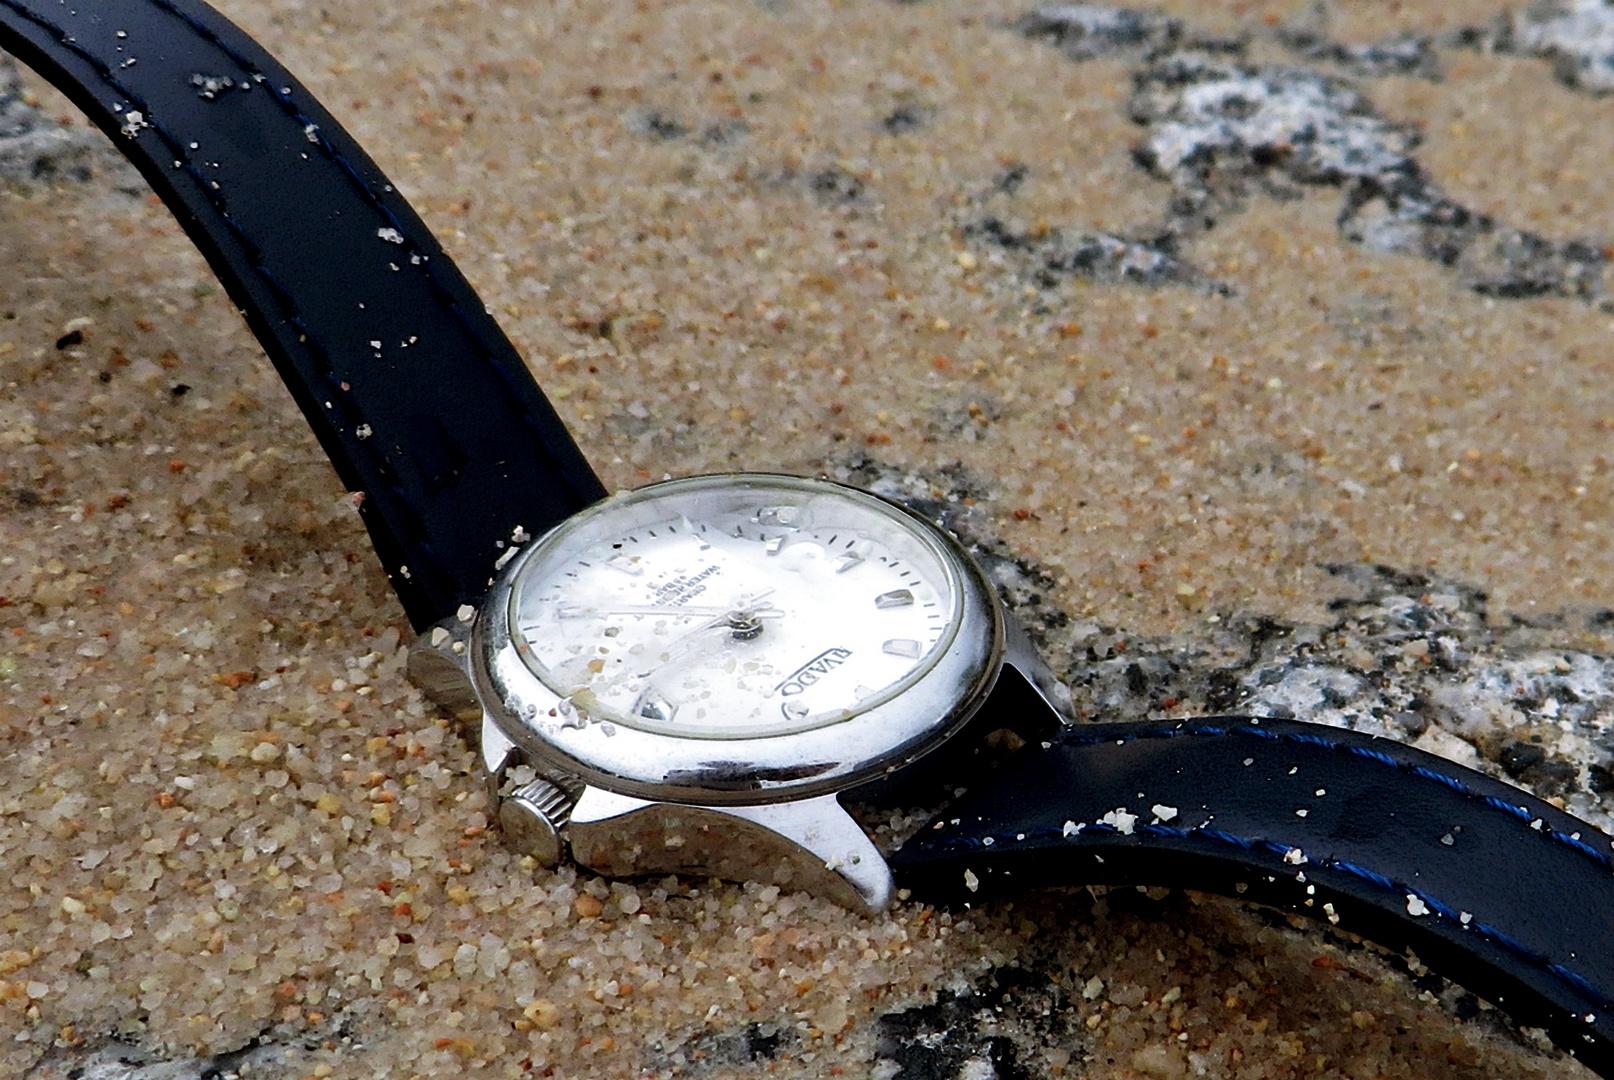 Die Zeit in Sand gesetzt